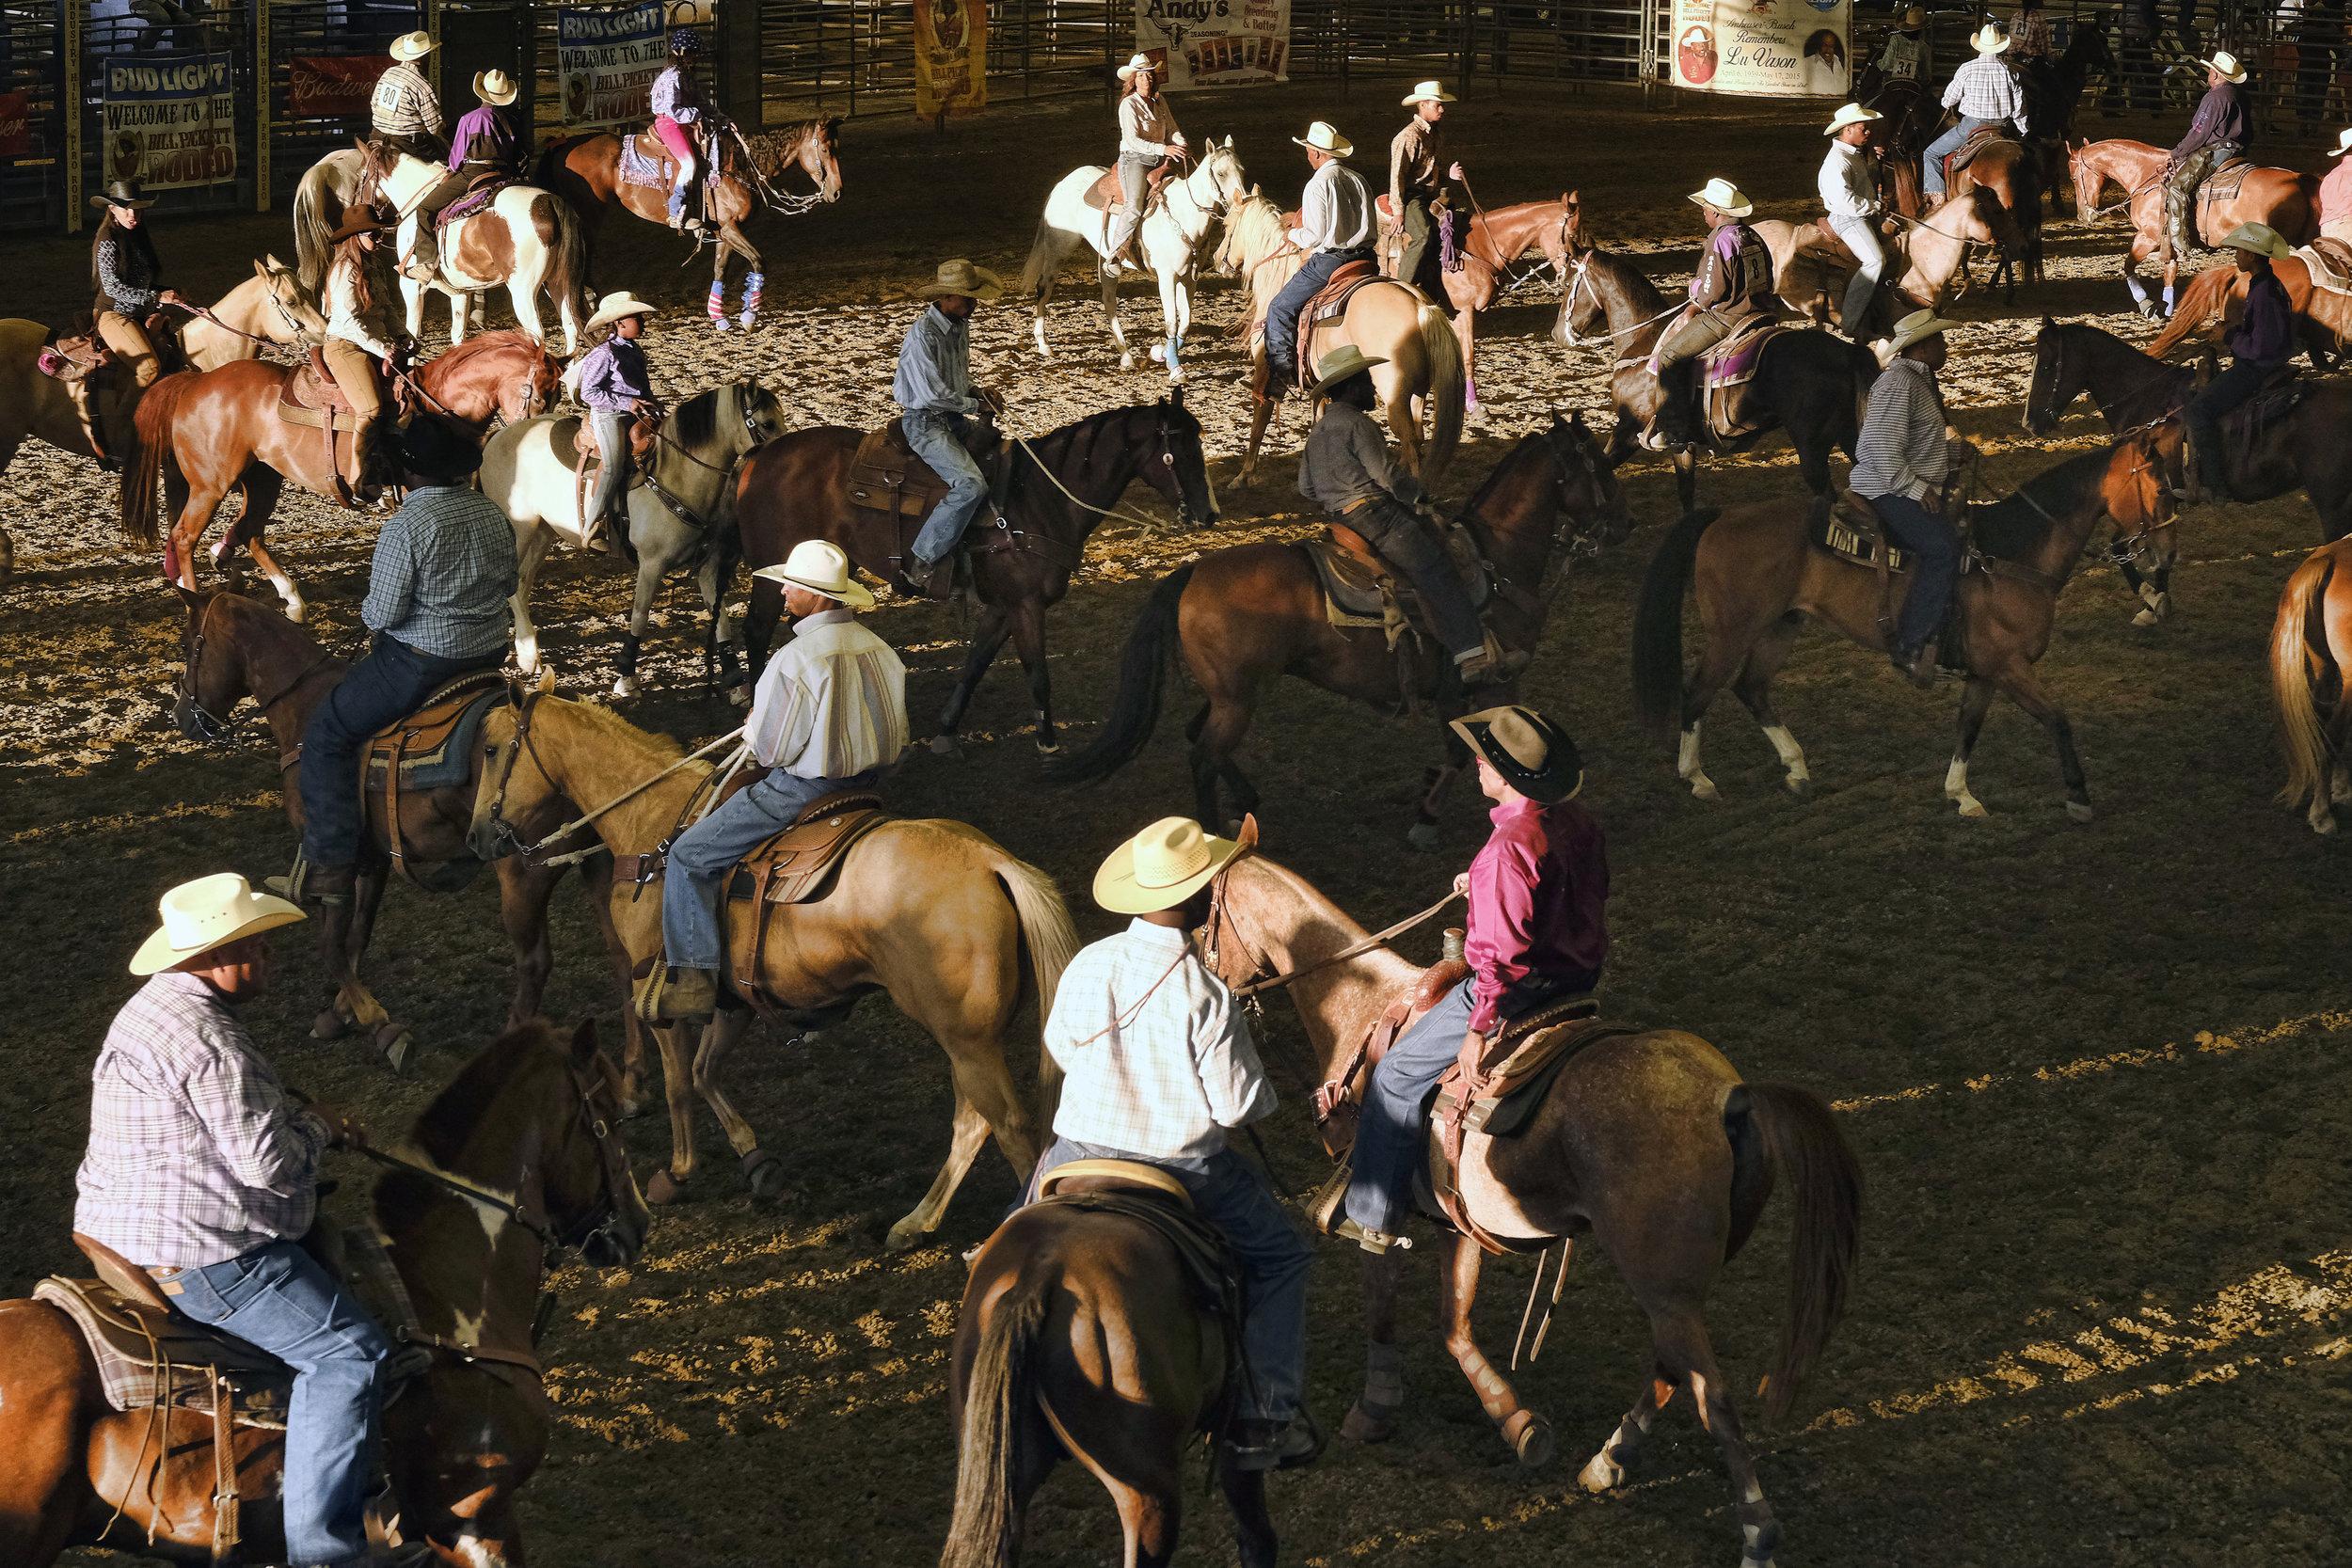 Compton Cowboys Photo Essay